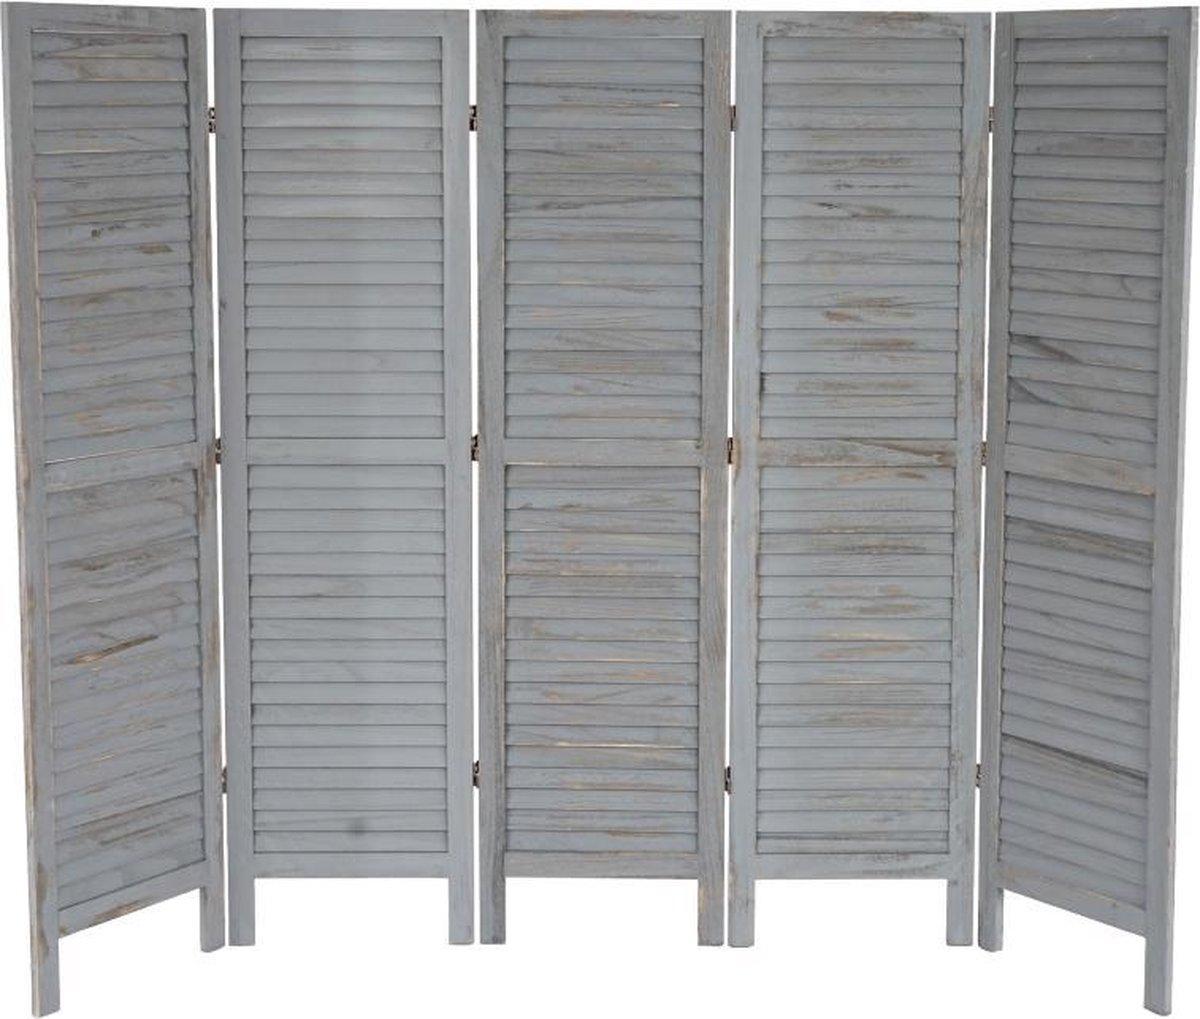 Scheidingswand-Shabby-look-grijs-5-platen - Brulo